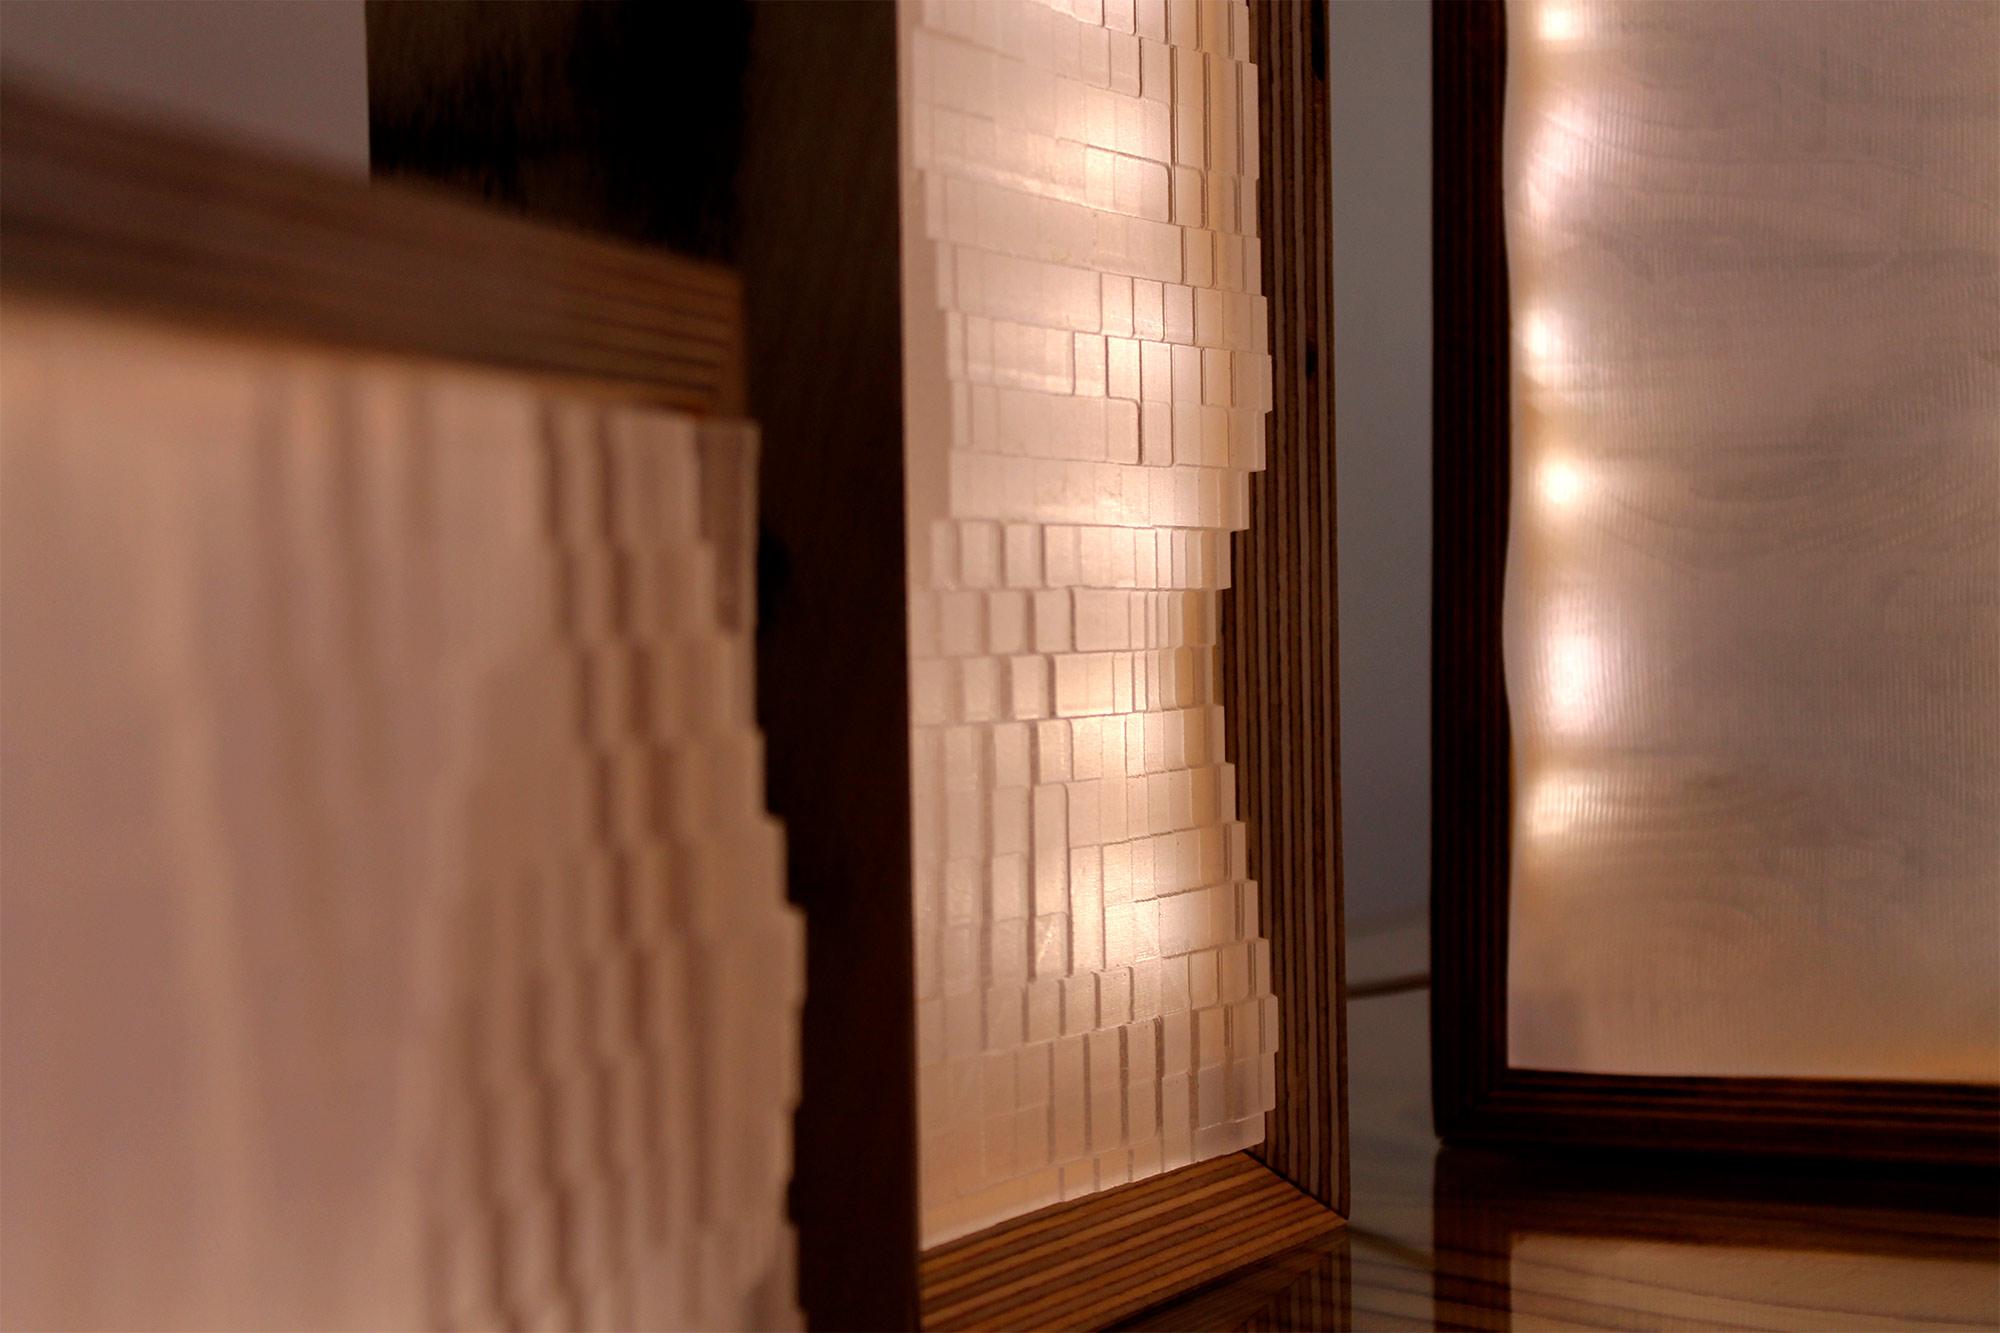 lámparas de mesa WAVEs, realizadas con técnicas de fabricación digital